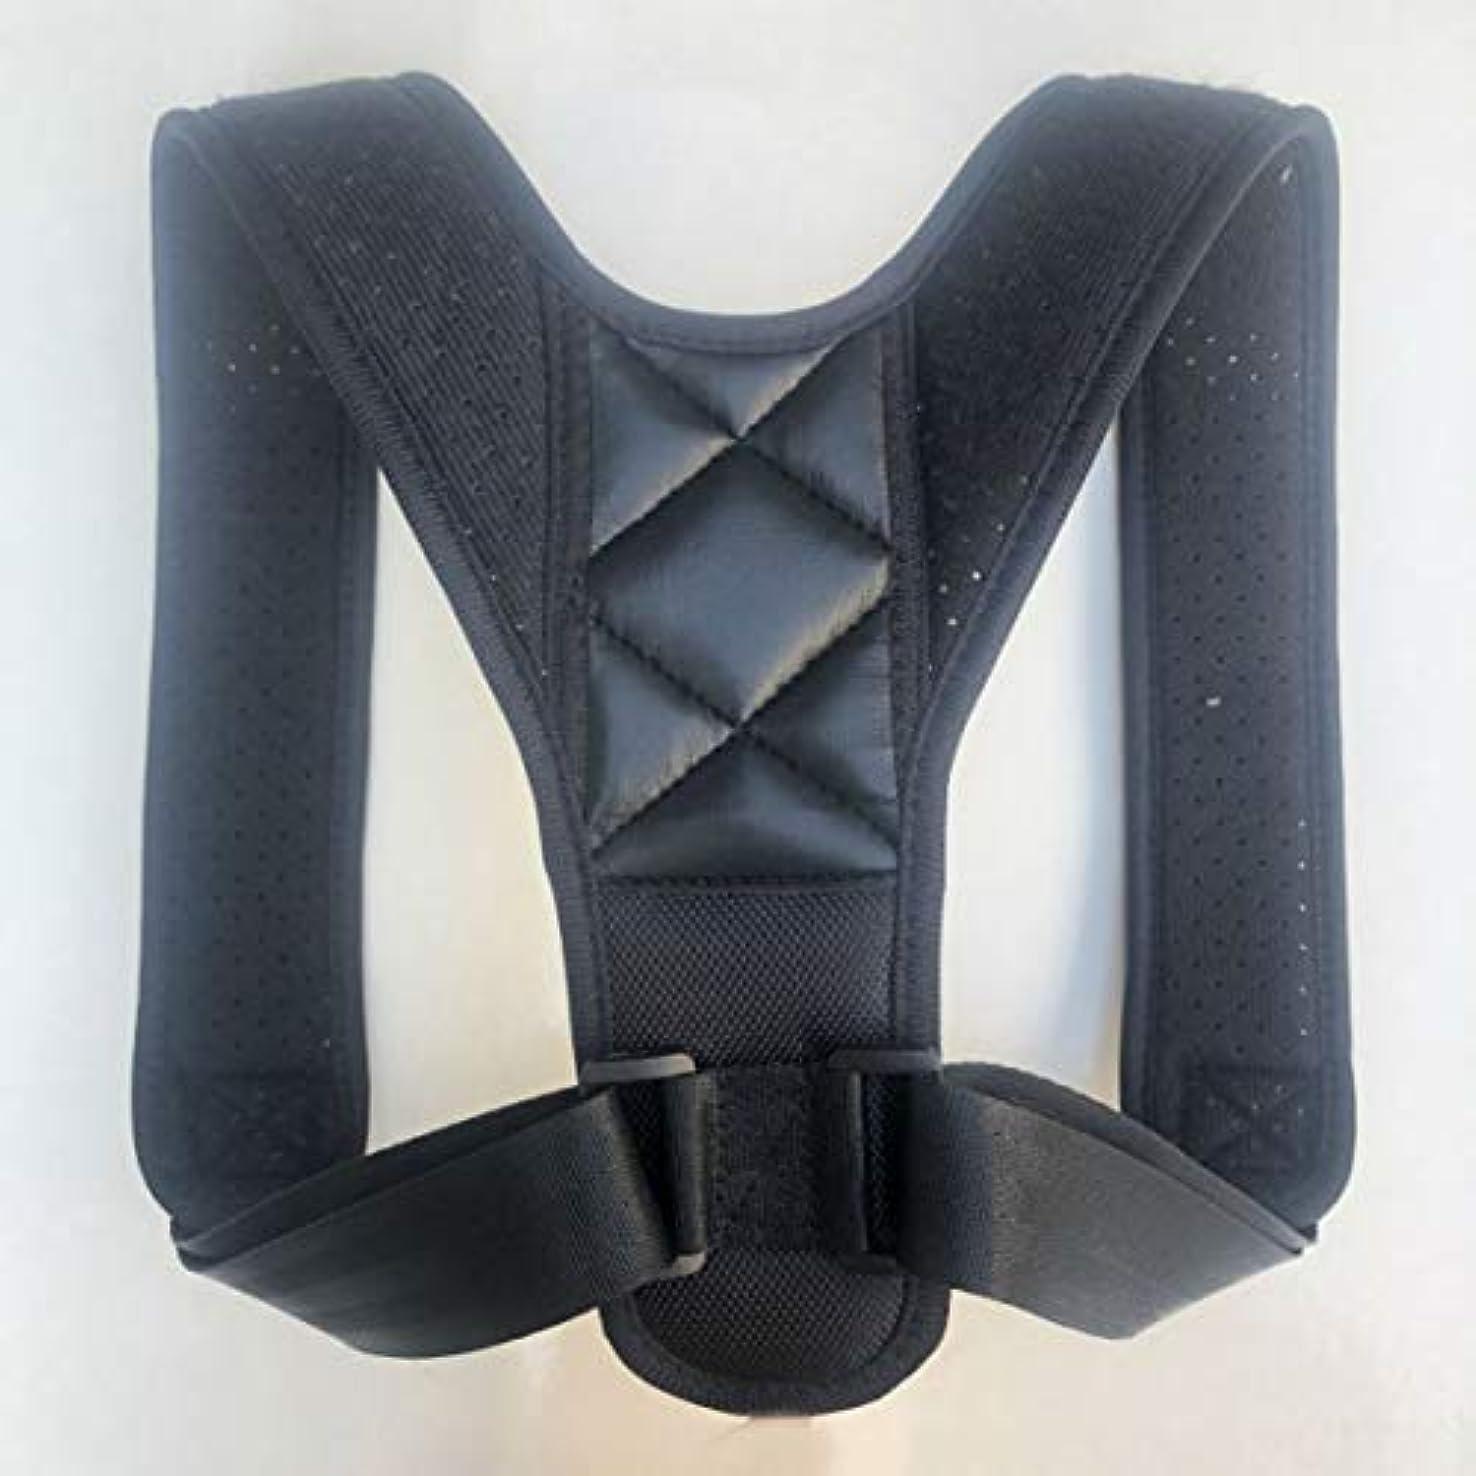 施設信条森アッパーバックポスチャーコレクター姿勢鎖骨サポートコレクターバックストレートショルダーブレースストラップコレクター - ブラック